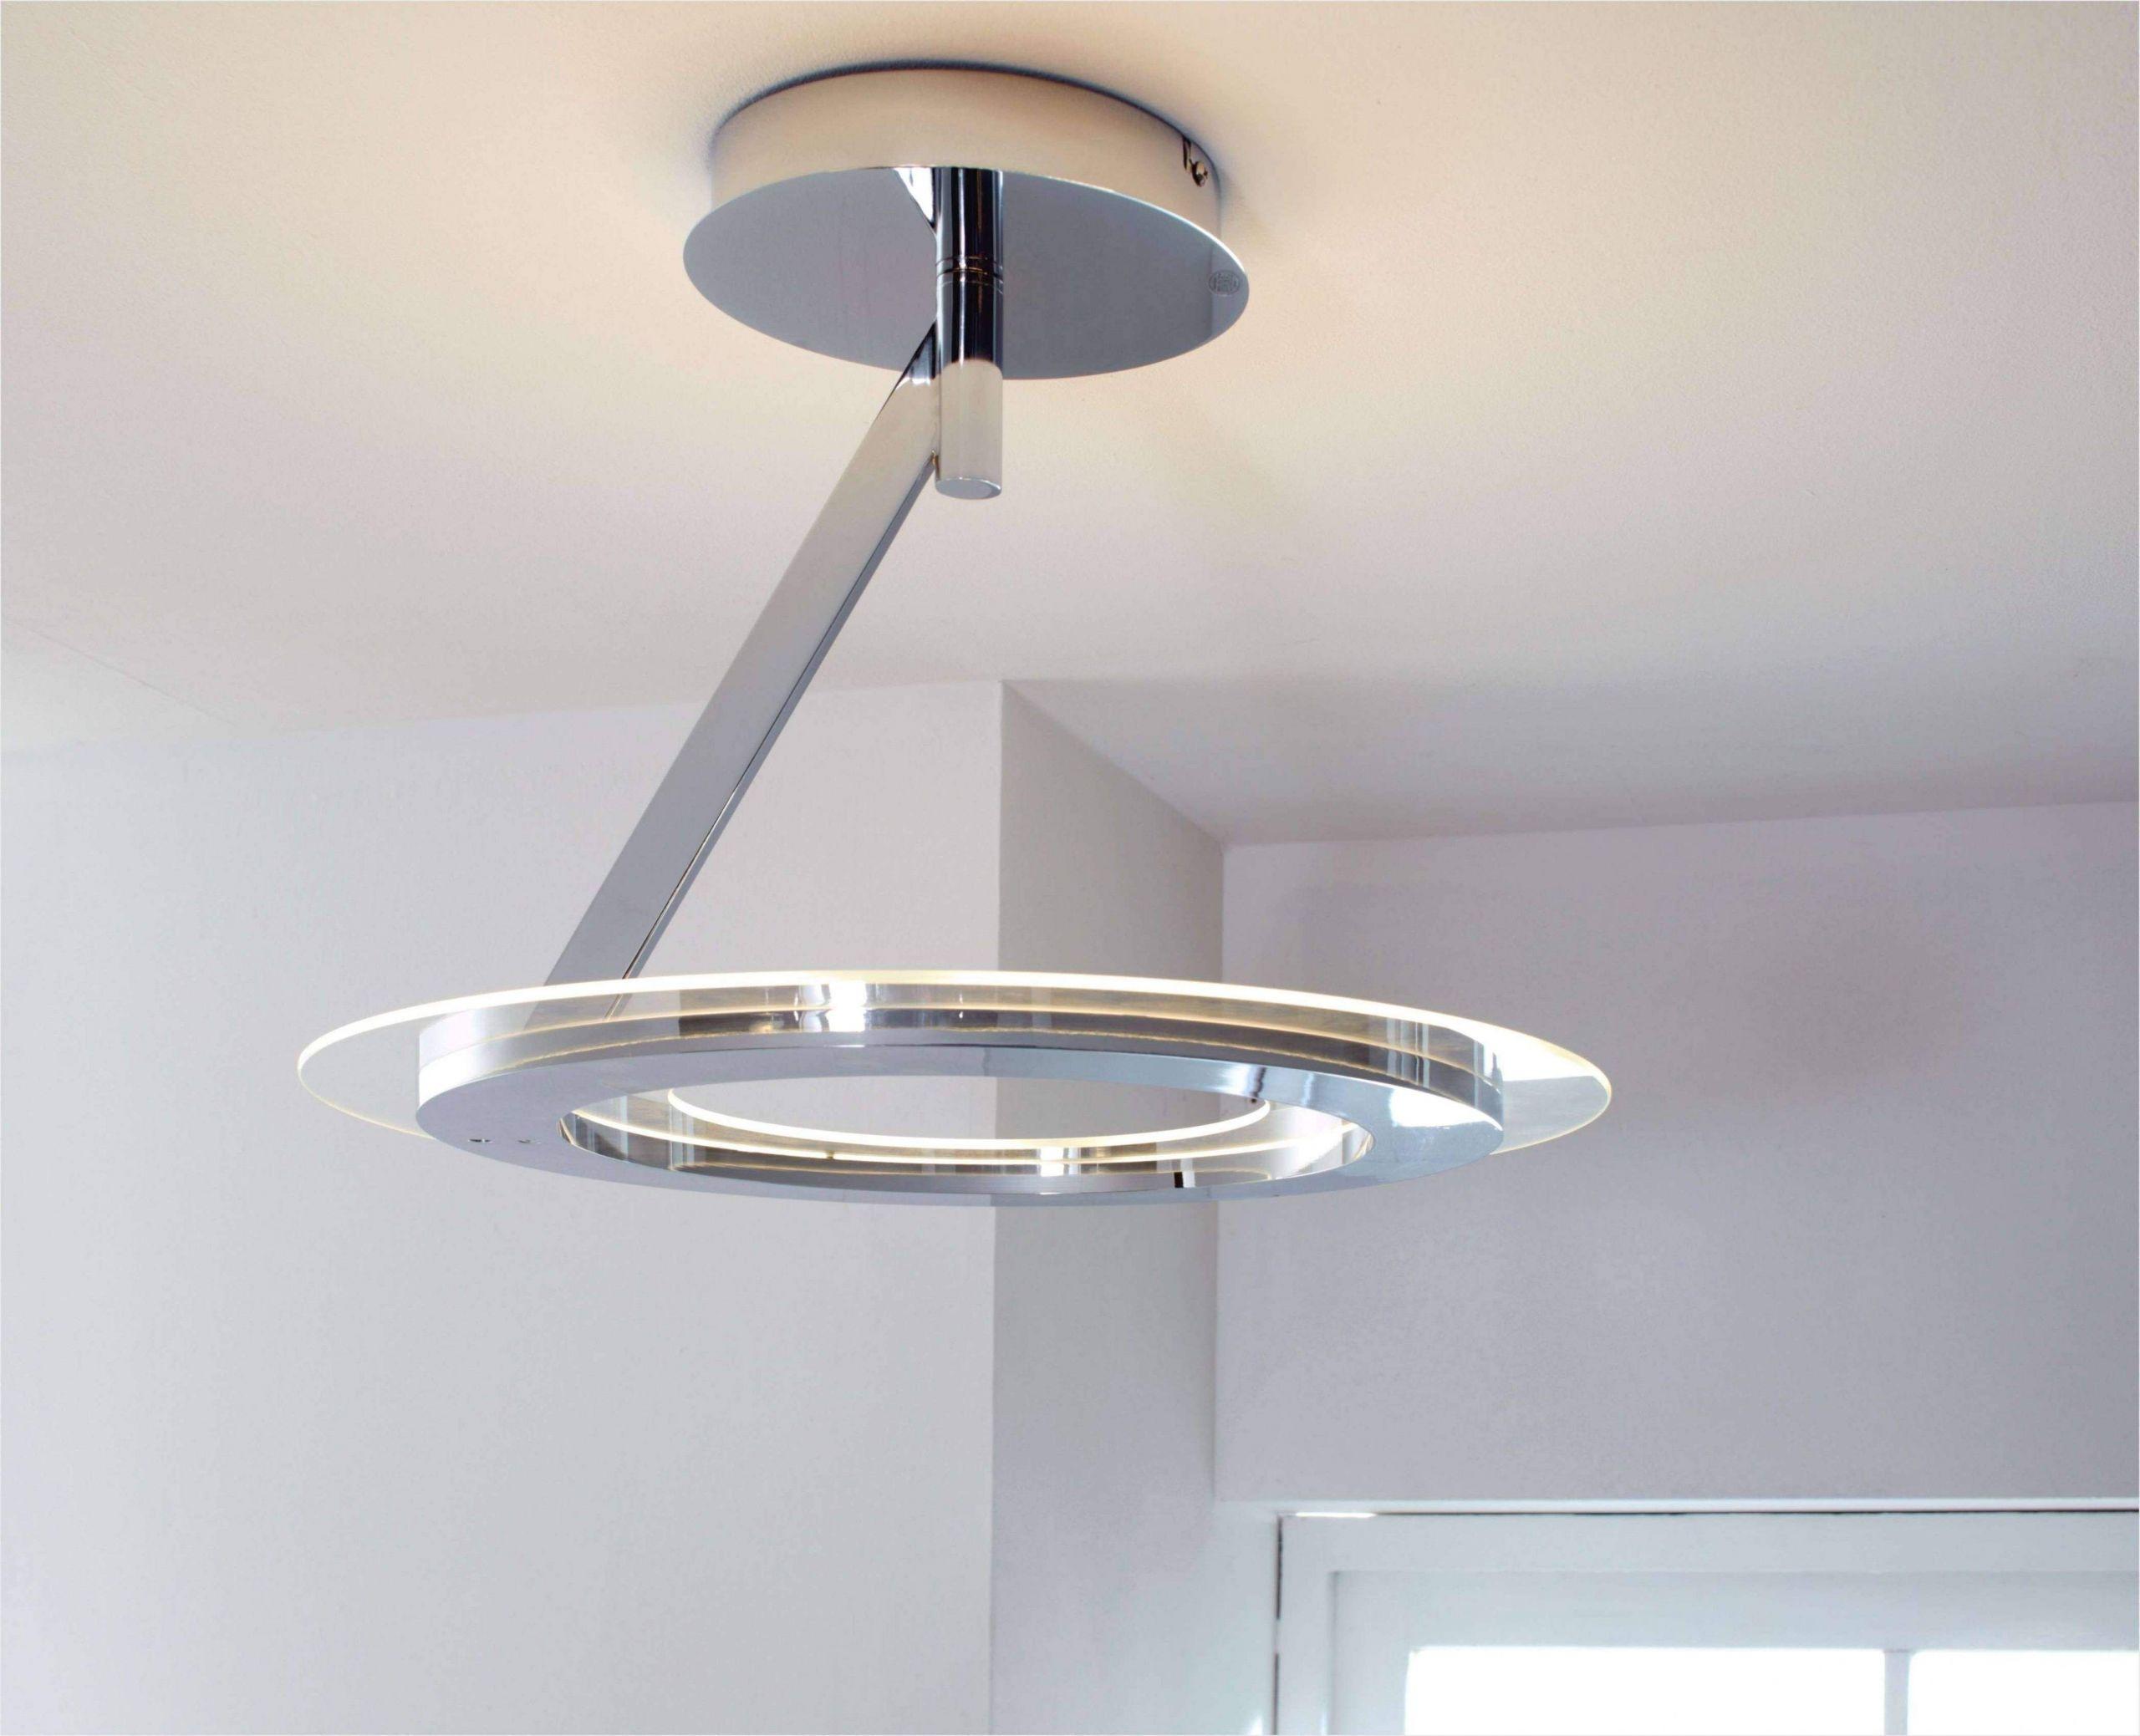 Full Size of Tischlampe Wohnzimmer Tiwohnzimmer Inspirierend Genial Schrankwand Hängeschrank Stehlampe Teppich Komplett Vinylboden Wohnwand Deckenlampen Für Bilder Xxl Wohnzimmer Tischlampe Wohnzimmer